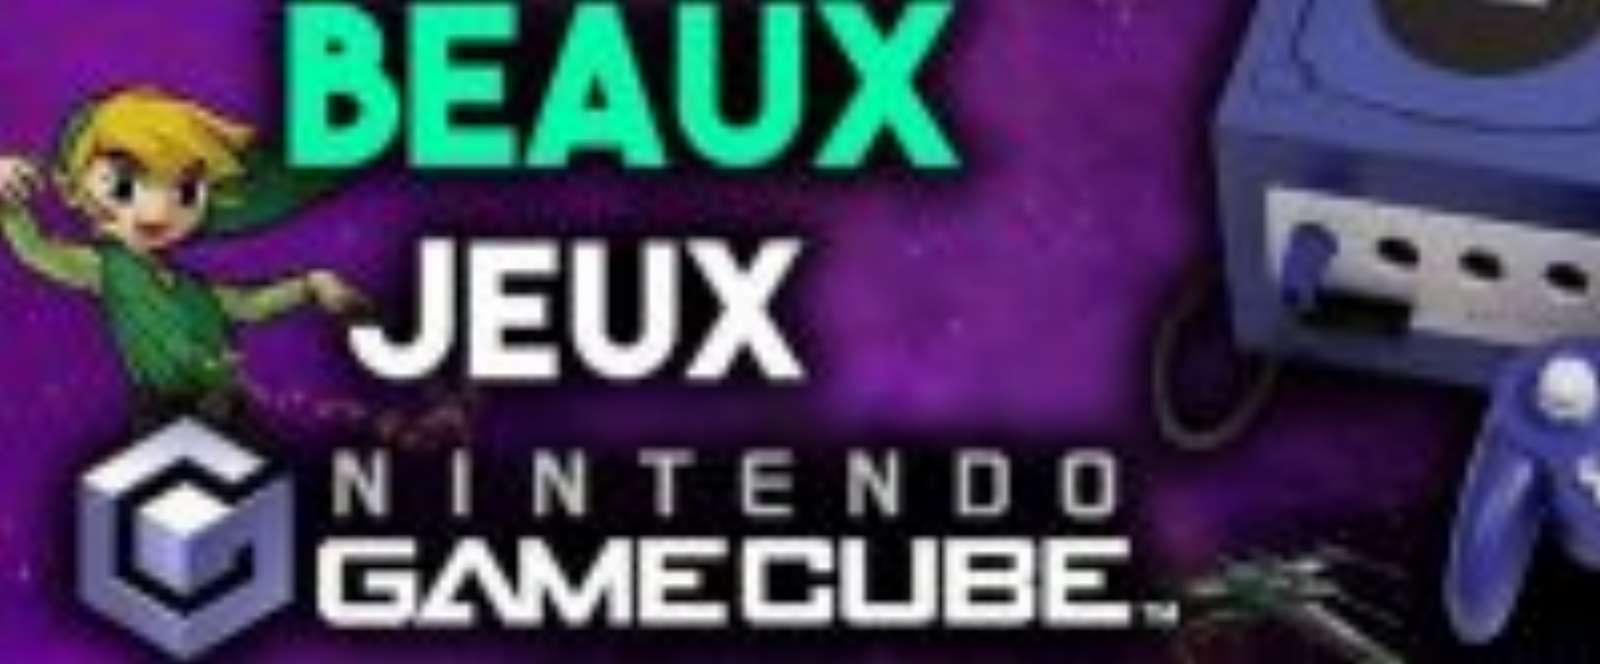 Jeux-GameCube